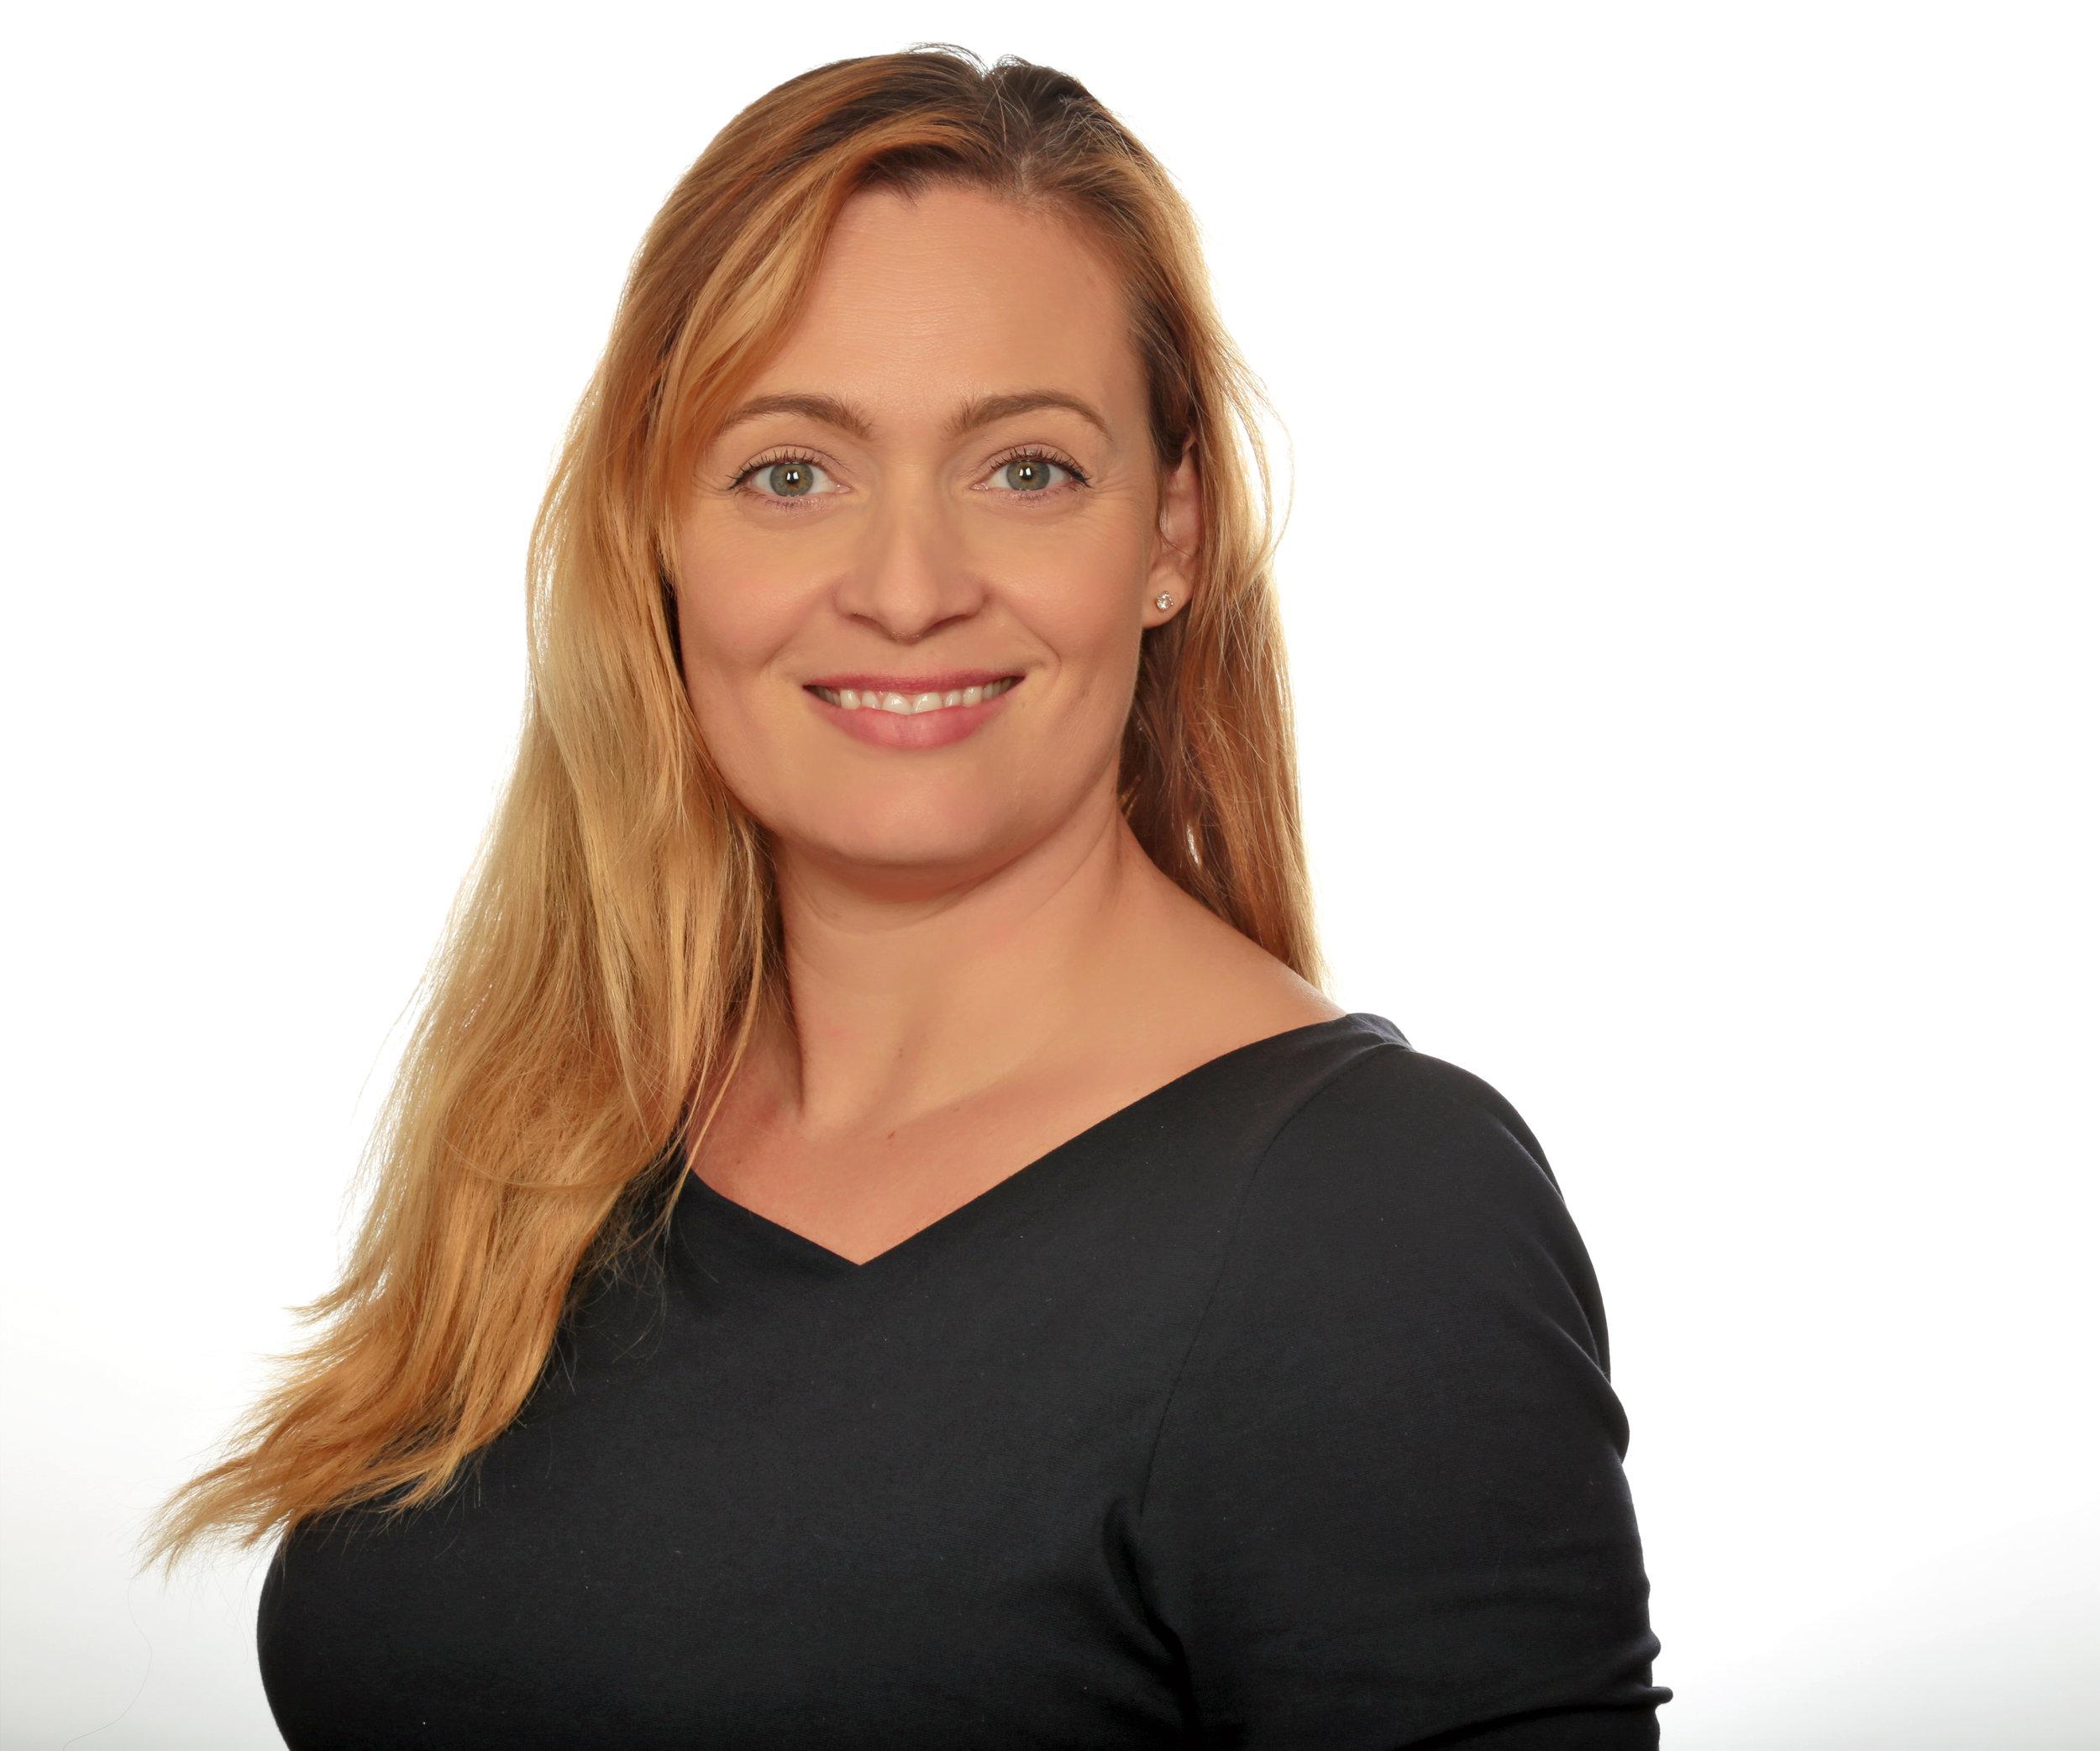 Ihre Ansprechpartnerin bei IRC - Christine AndersenGlobale Partnerschaften und philanthropisches EngagementChristine.Andersen@Rescue.org